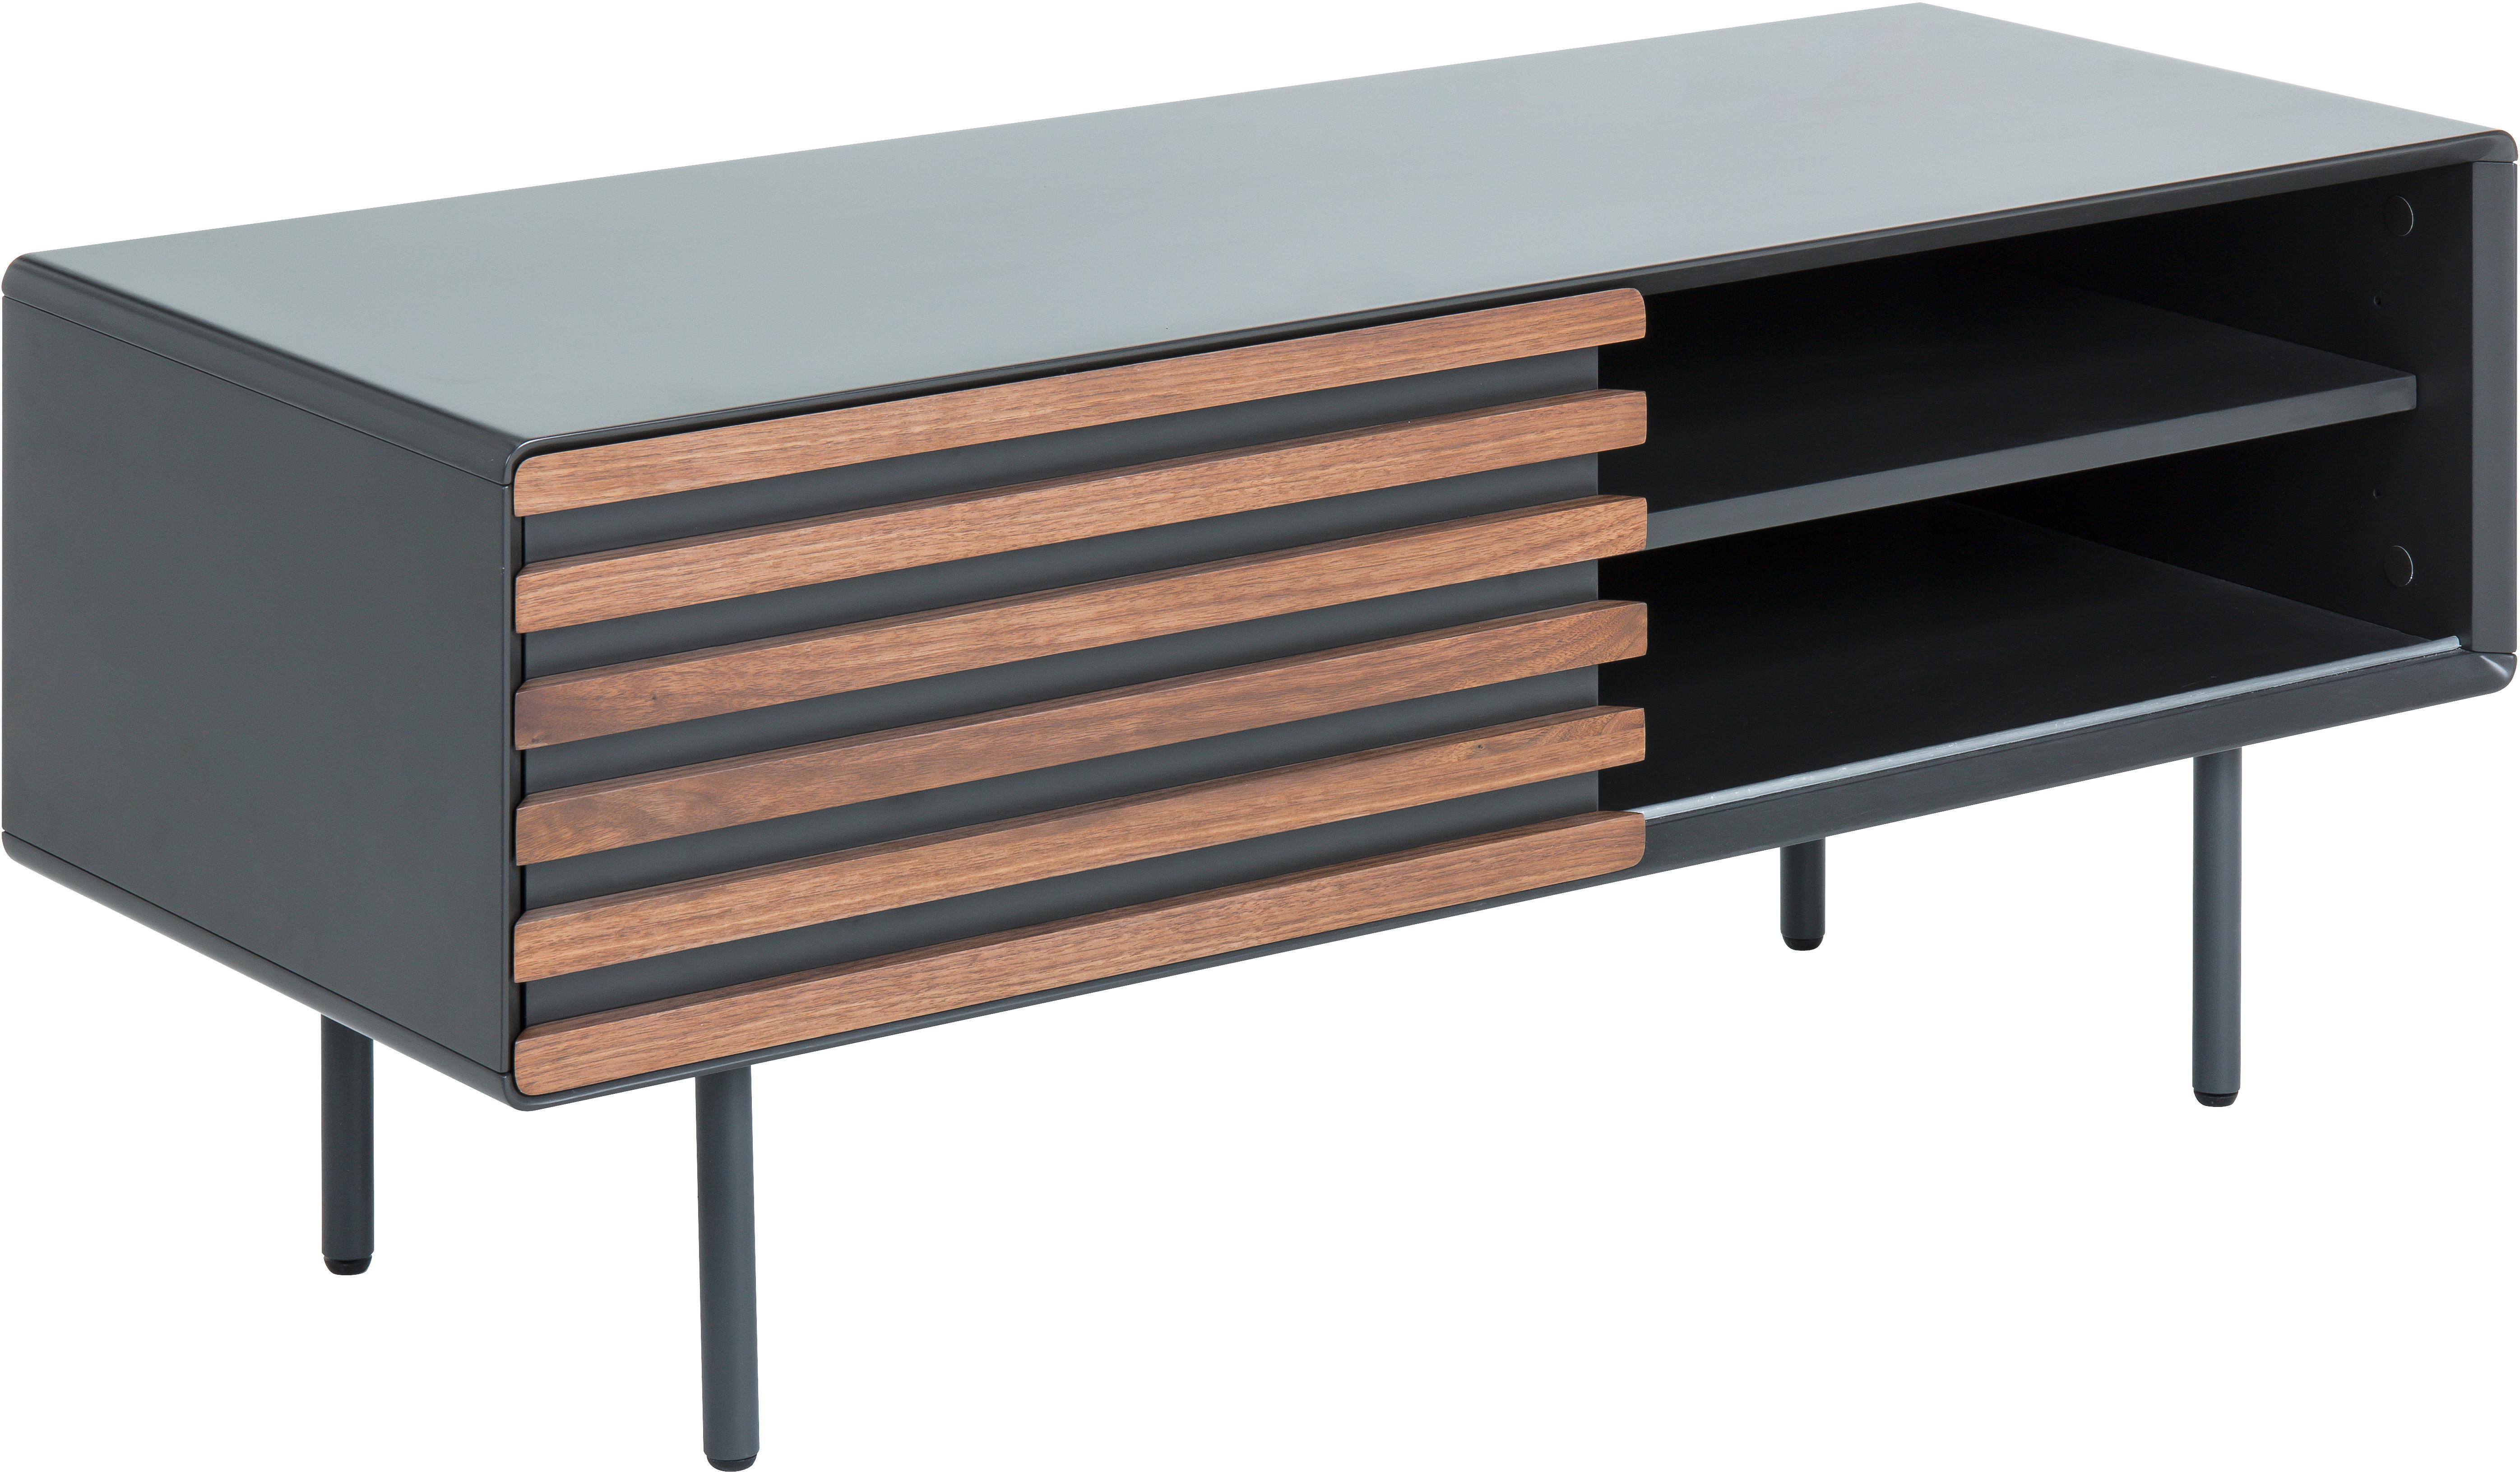 Szafka RTV Kesia, Grafitowy, drewno orzecha włoskiego, S 120 x W 49 cm